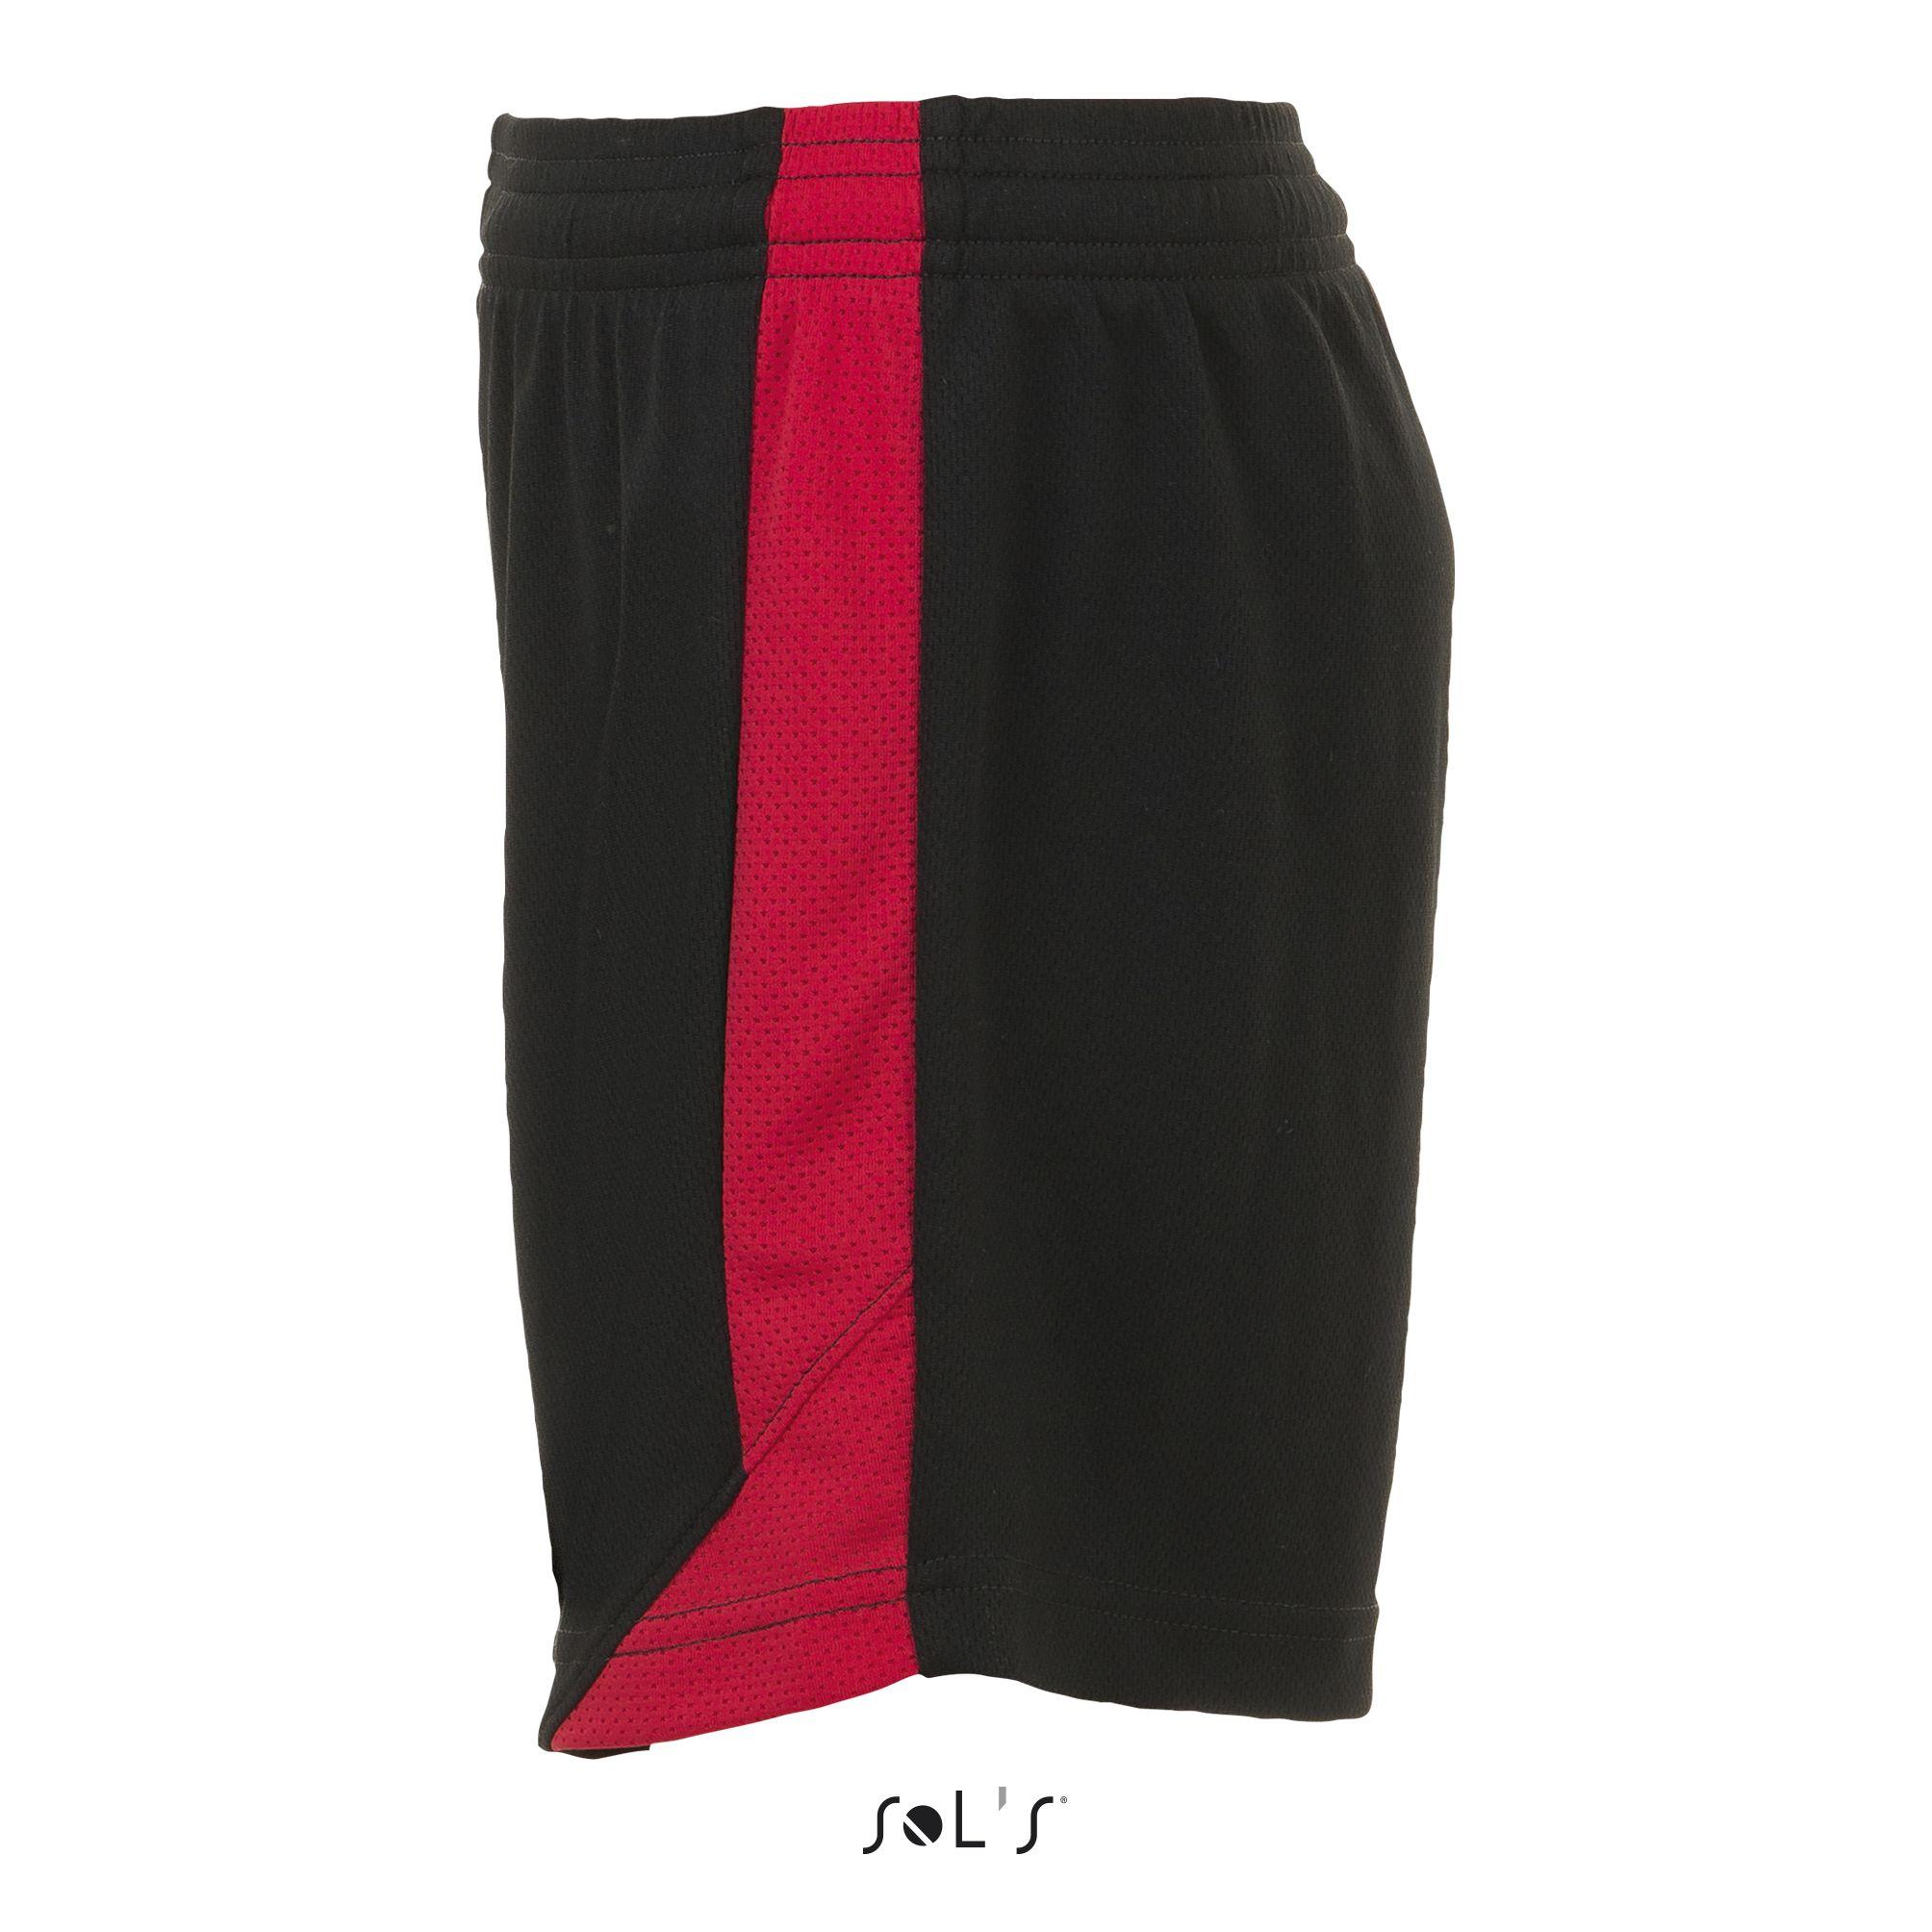 917 - Noir / Rouge